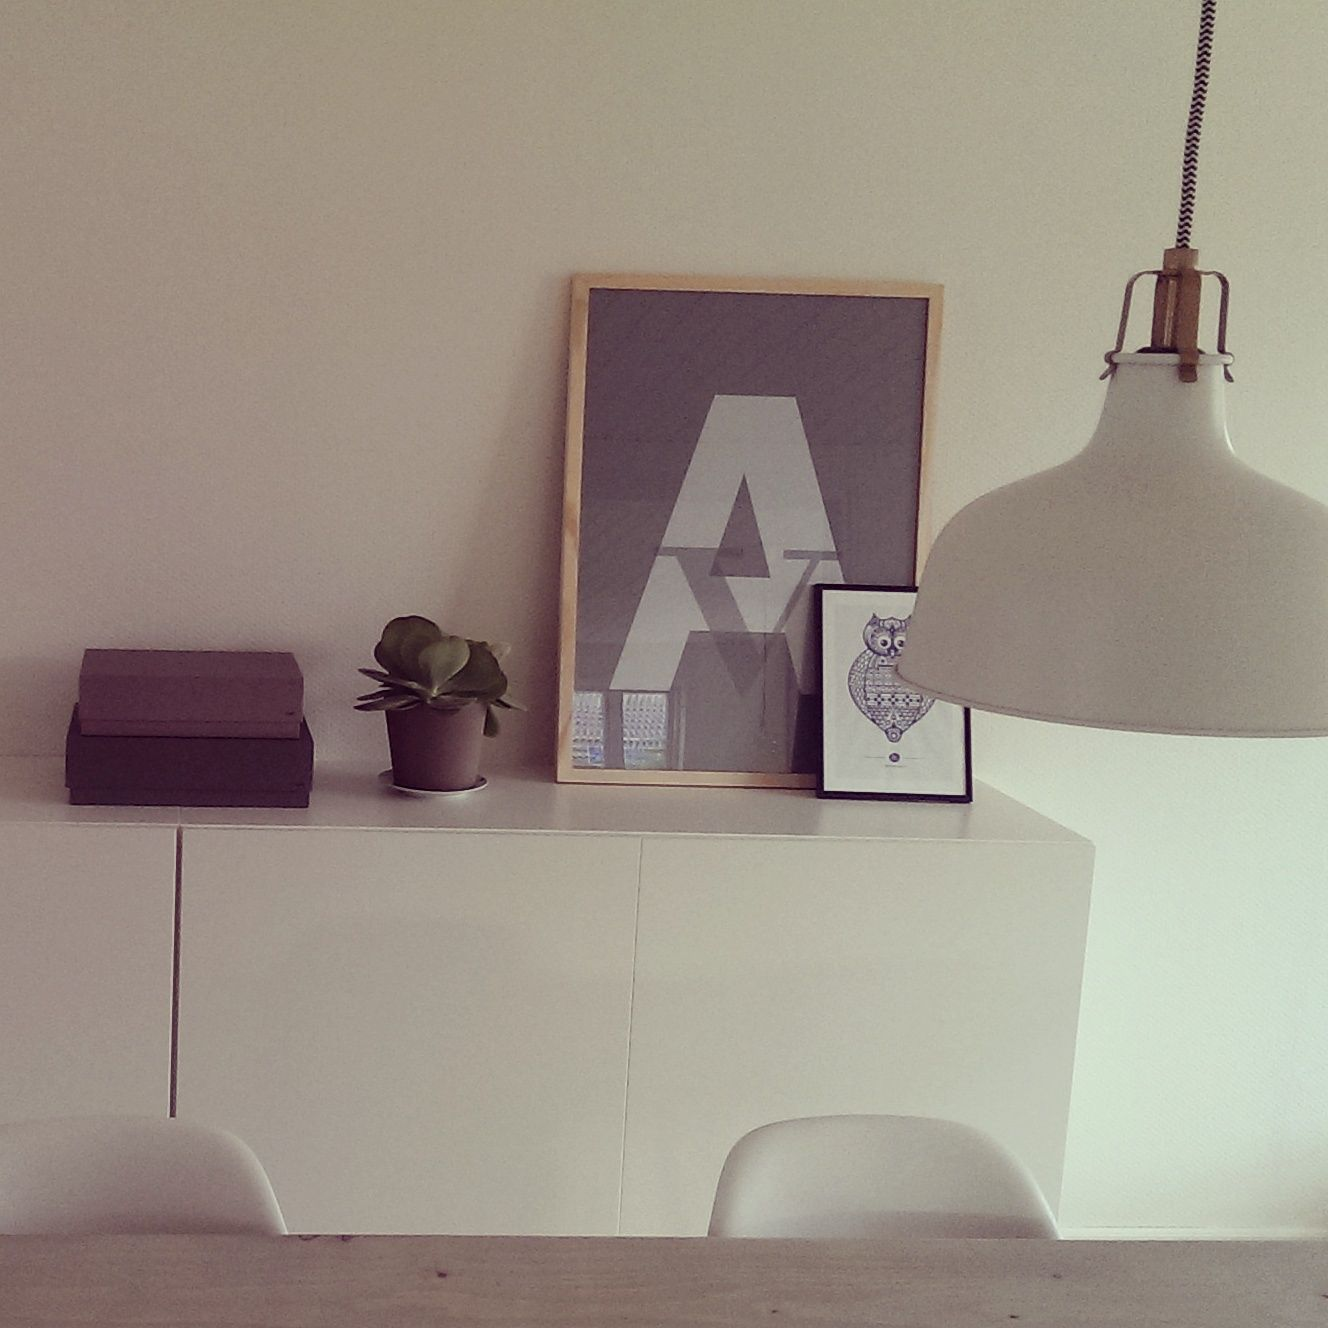 Ikea best skabe ranarp lampe home decor pinterest - Lampe industrielle ikea ...